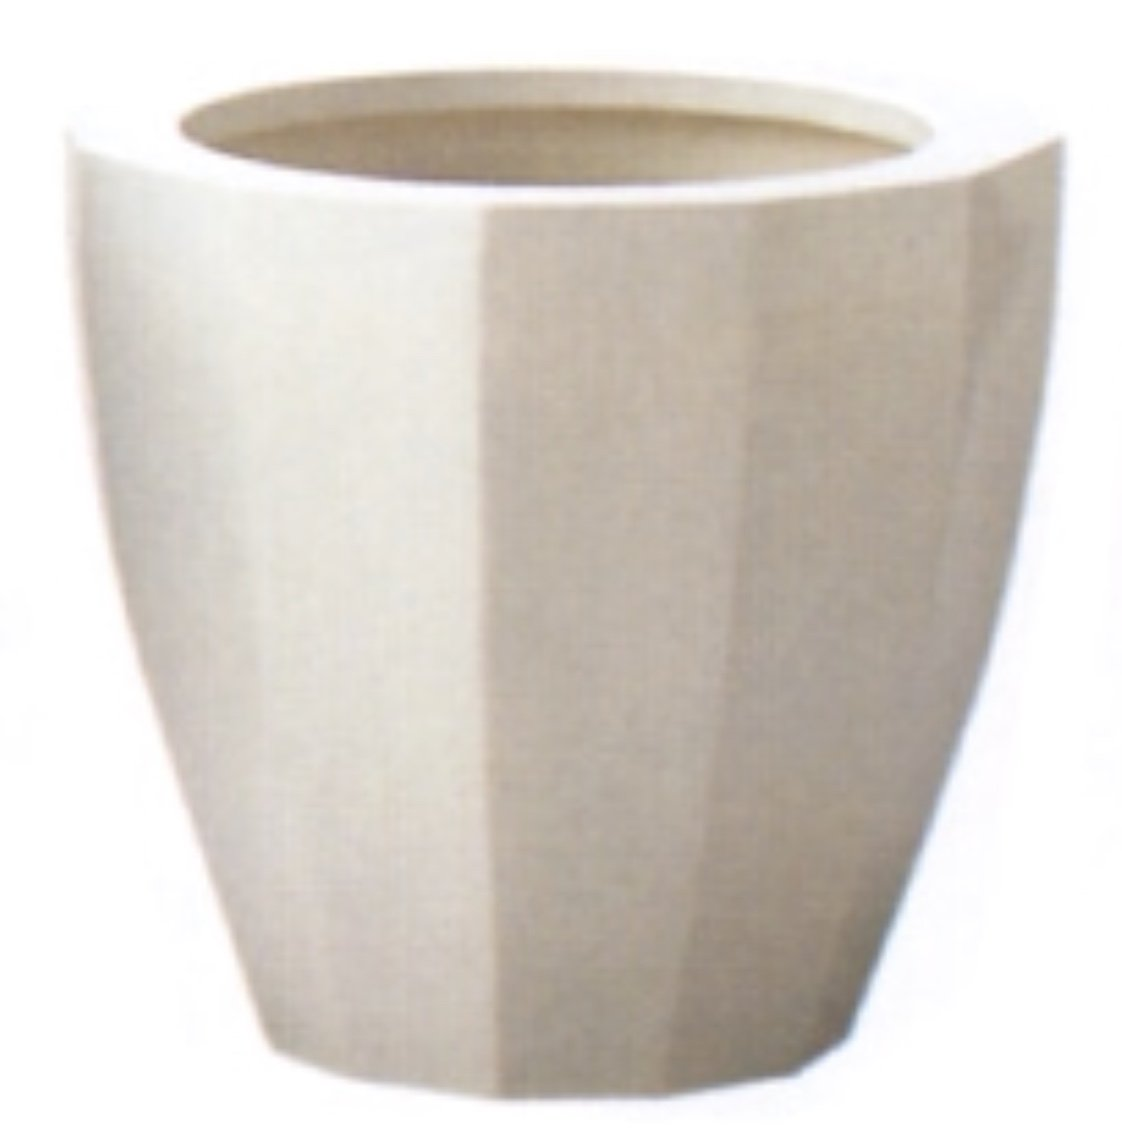 アドミナ 鉢カバー 8号用 36cm ホワイト【ネオモダン N-12】 陶器 信楽焼き 穴なし おしゃれ B079W34LNG 8号|ホワイト ホワイト 8号